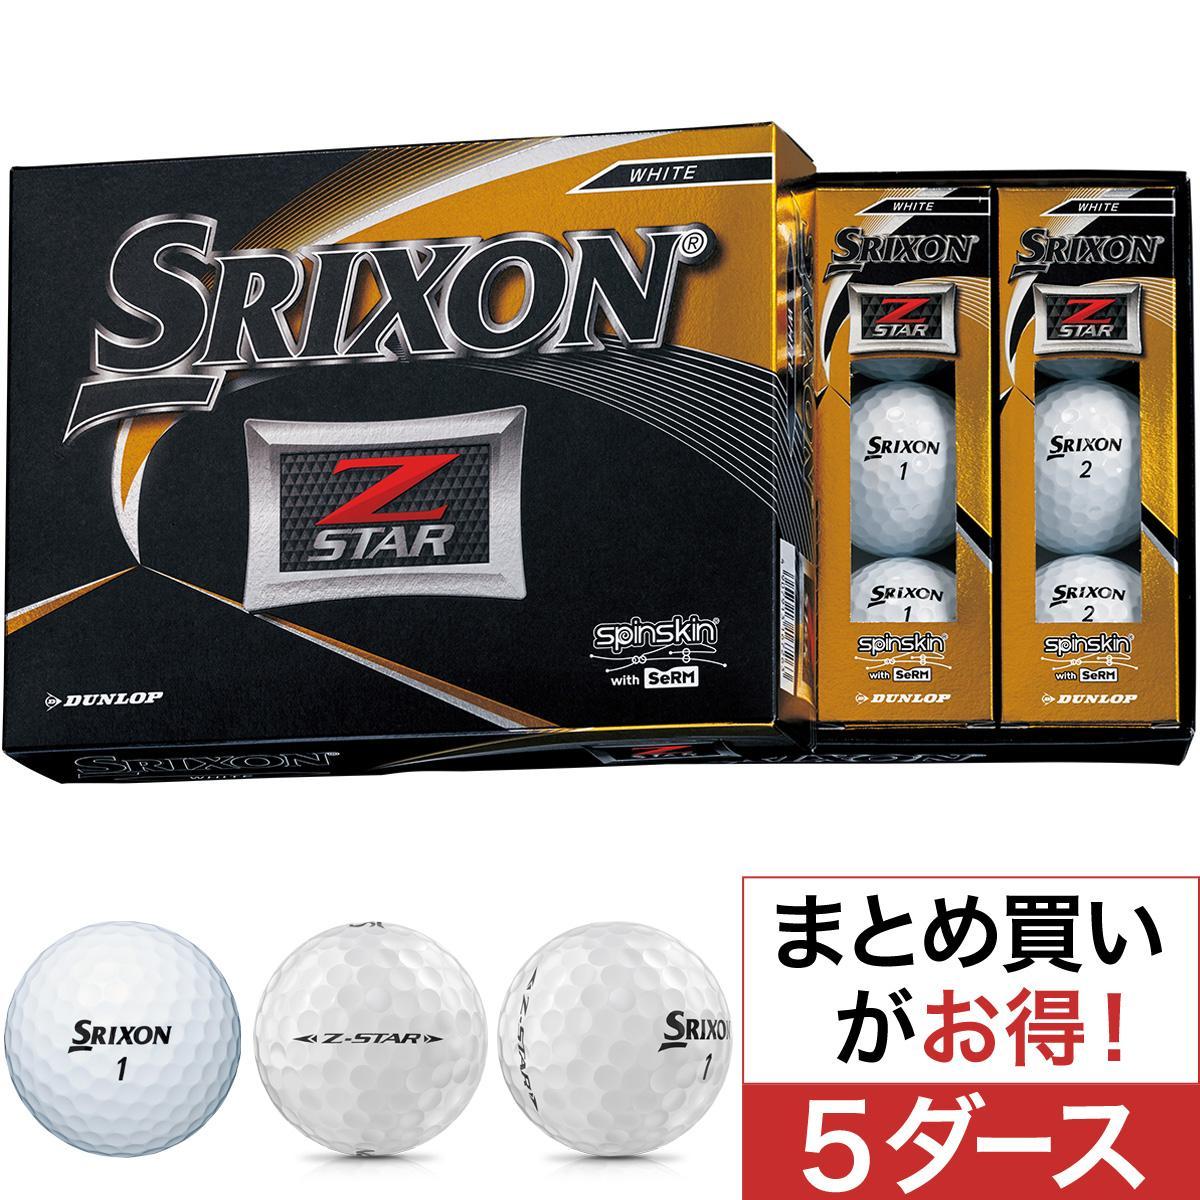 【4/14(日)までお得なクーポン配布中♪】【1ダースあたり5103円】ダンロップ SRIXON Z-STAR ボール 5ダースセット